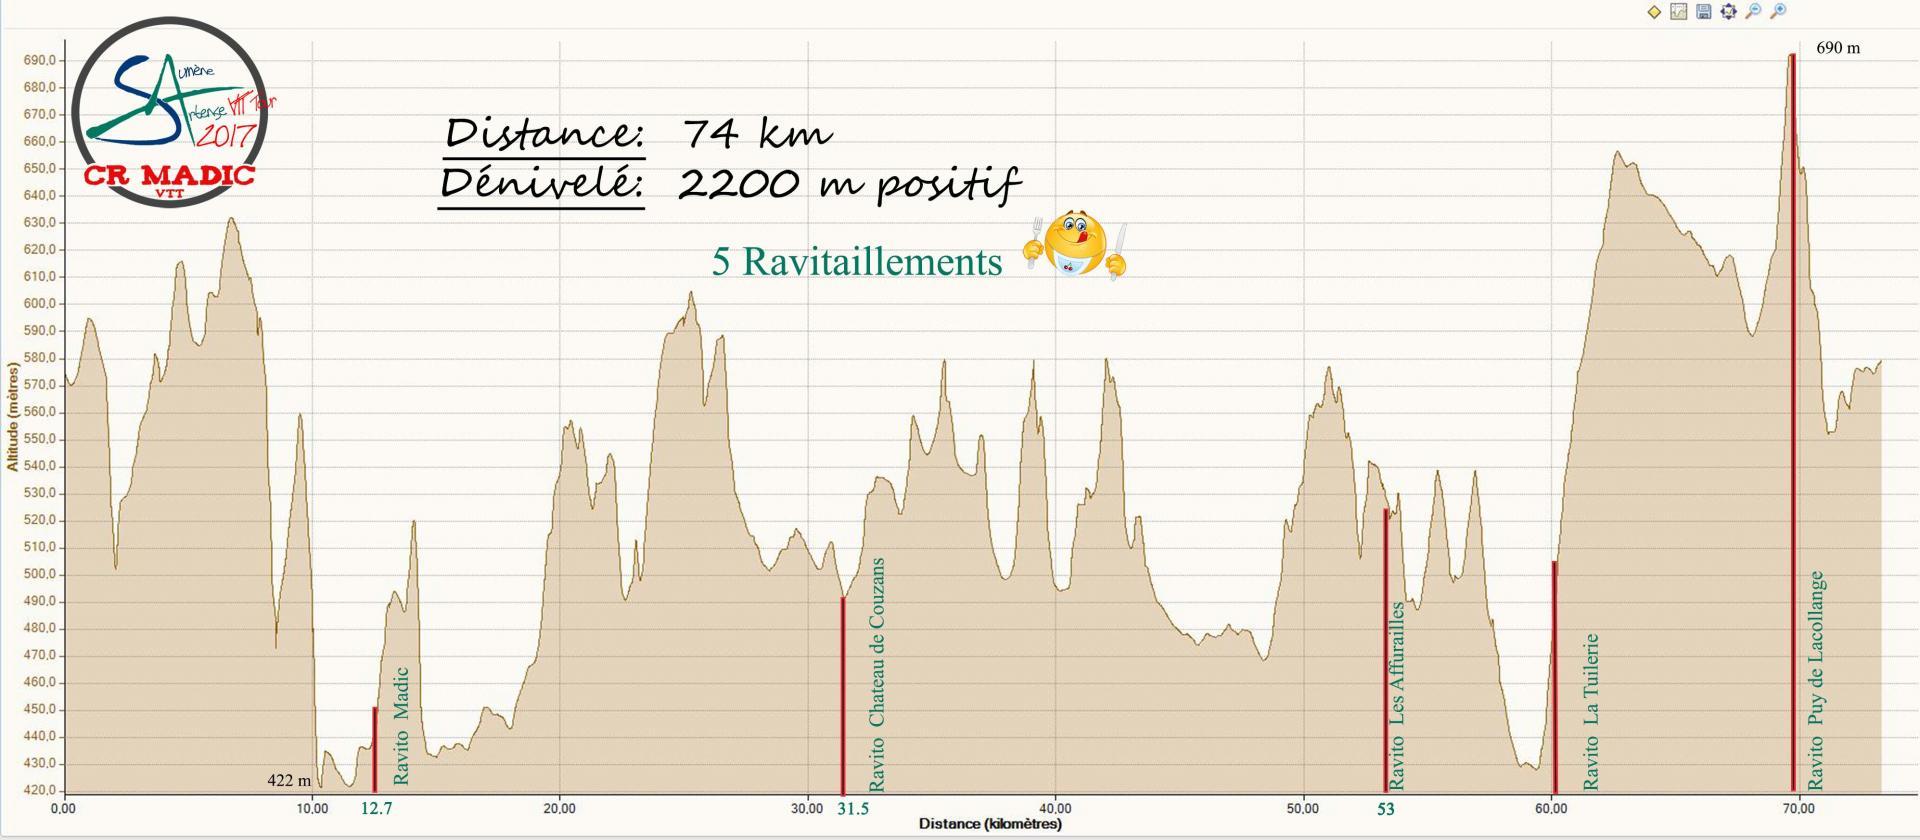 2017 savtt tour 75 km altitude